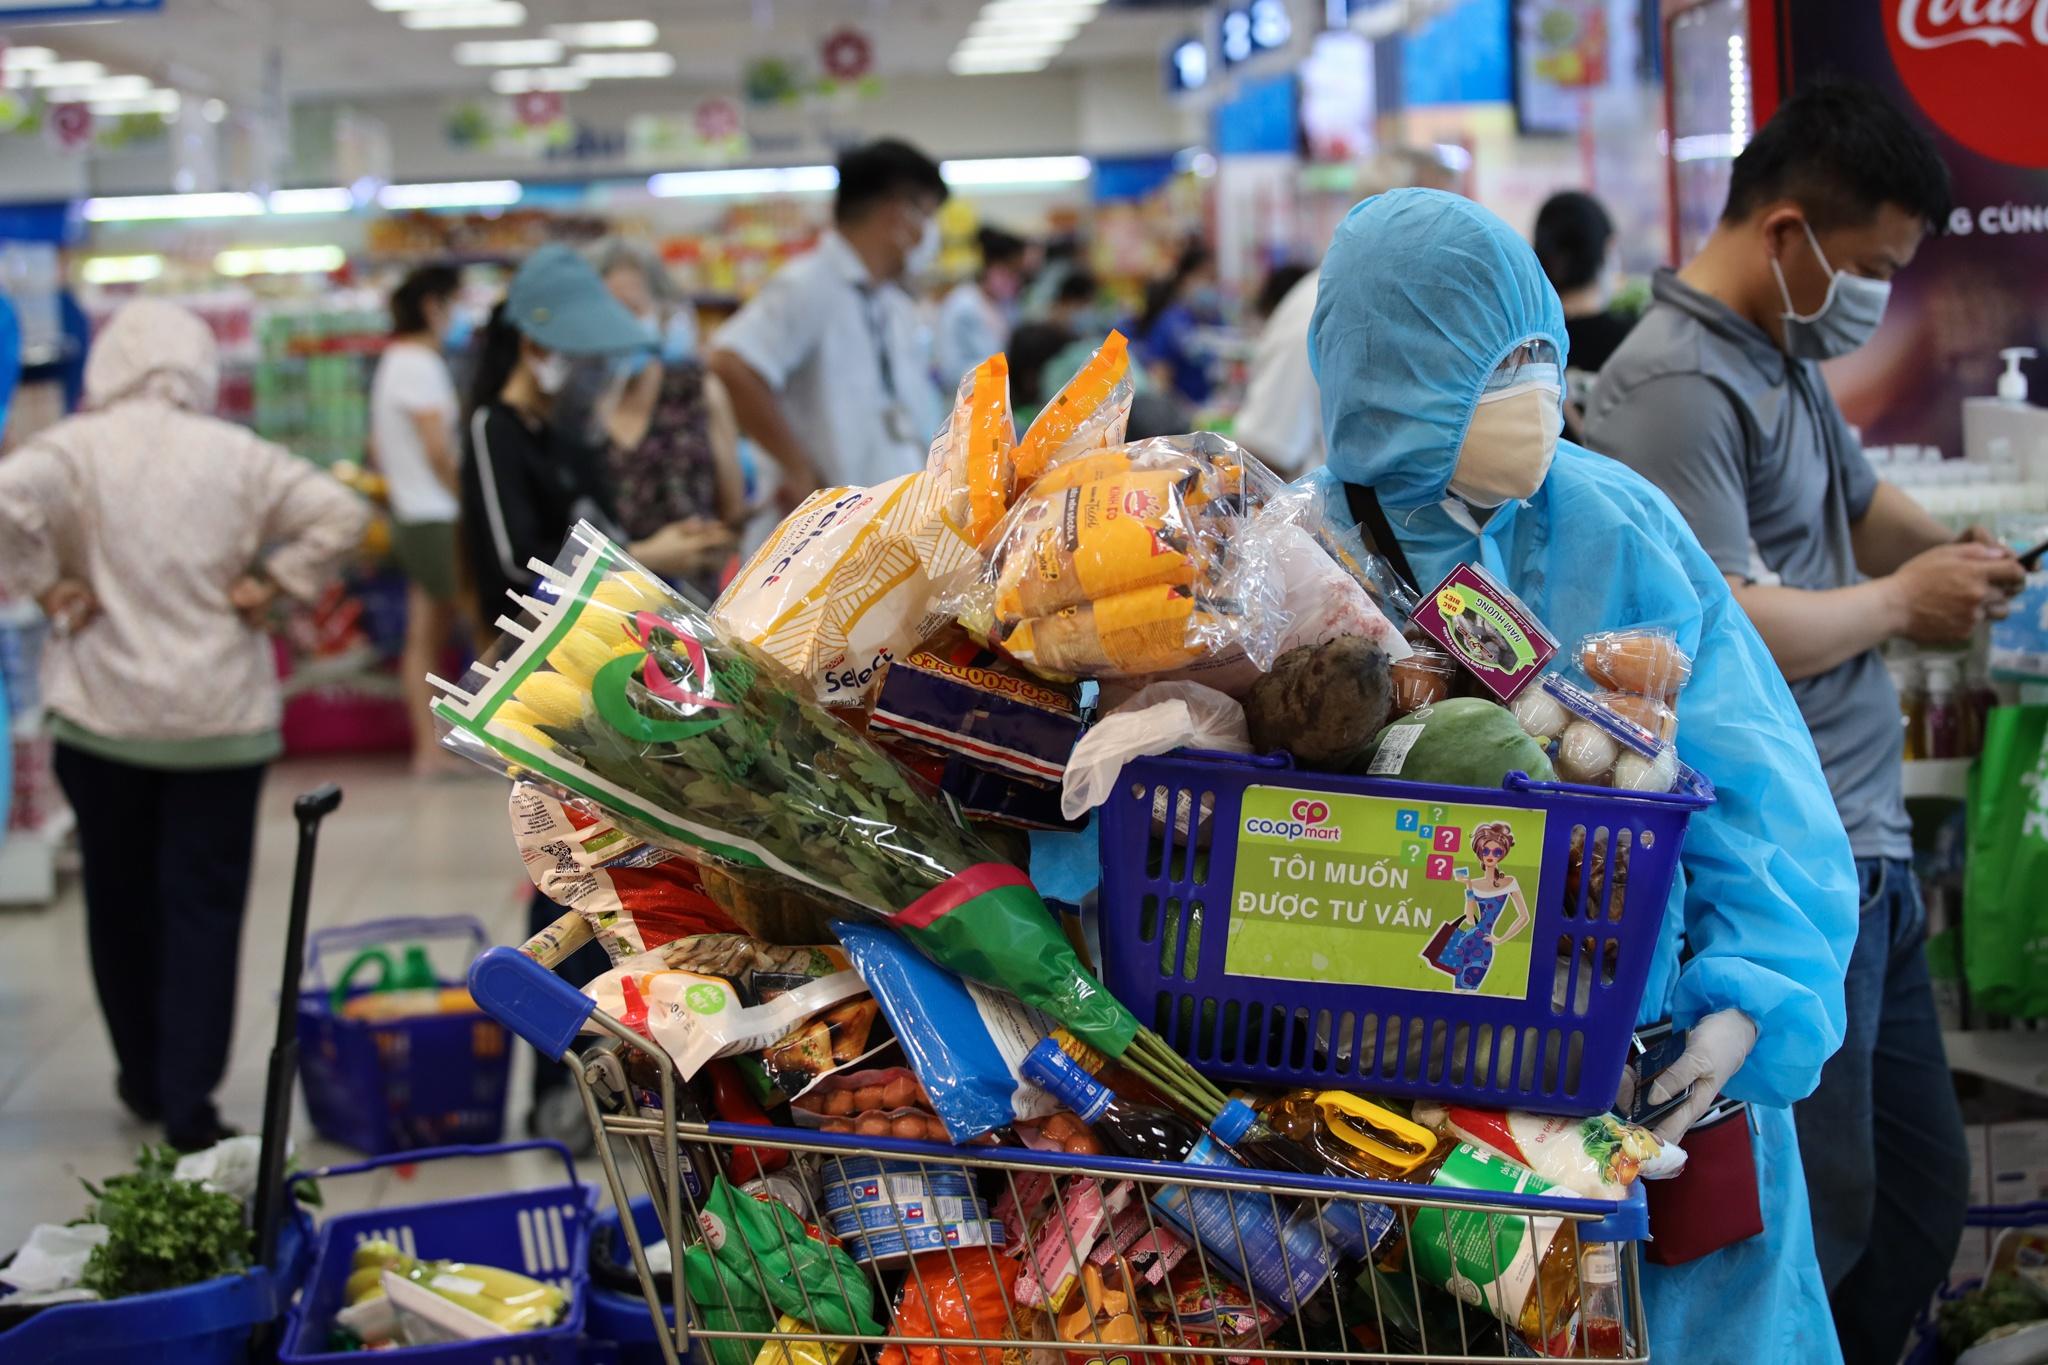 Người dân TP.HCM vội vã đi mua thực phẩm dự trữ